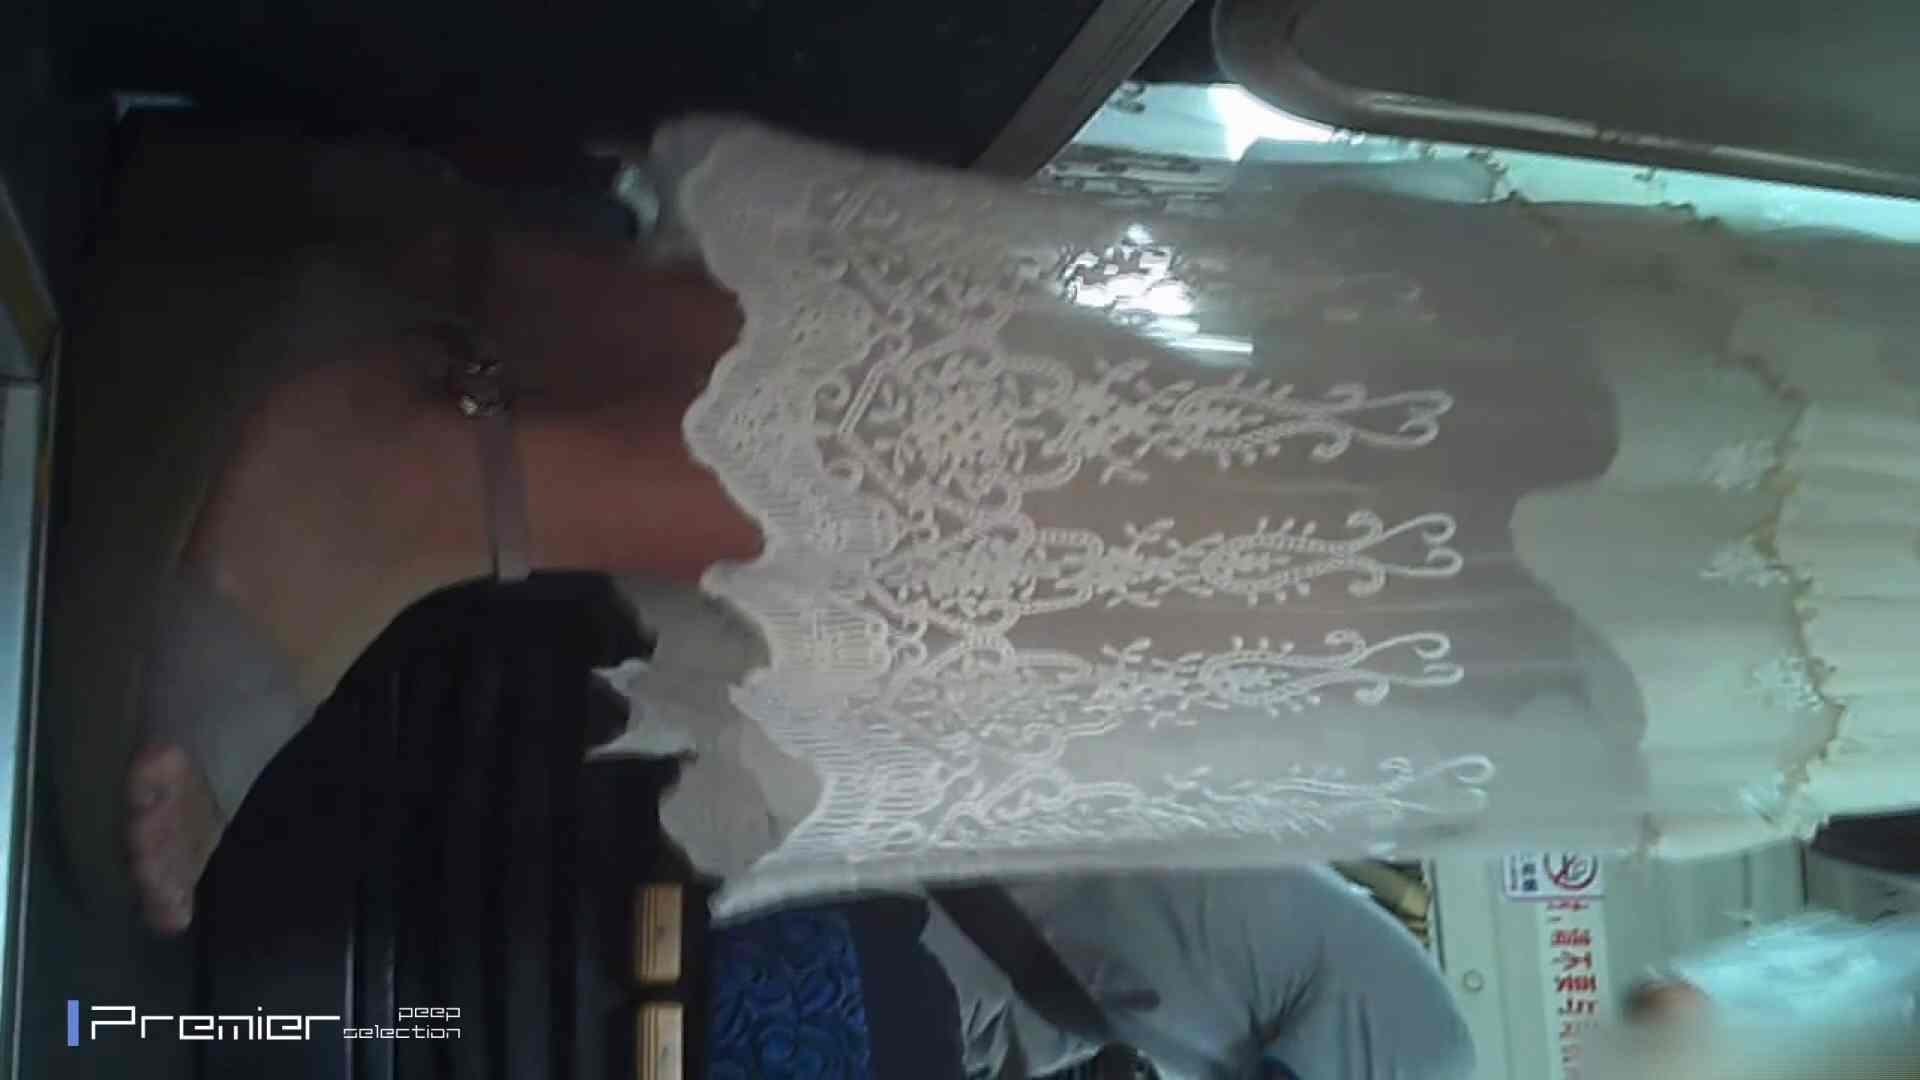 美女の痴態に密着!ギャルのパンチラVol.07 白のフリフリスカートの中 洗面所   パンチラ  101画像 10